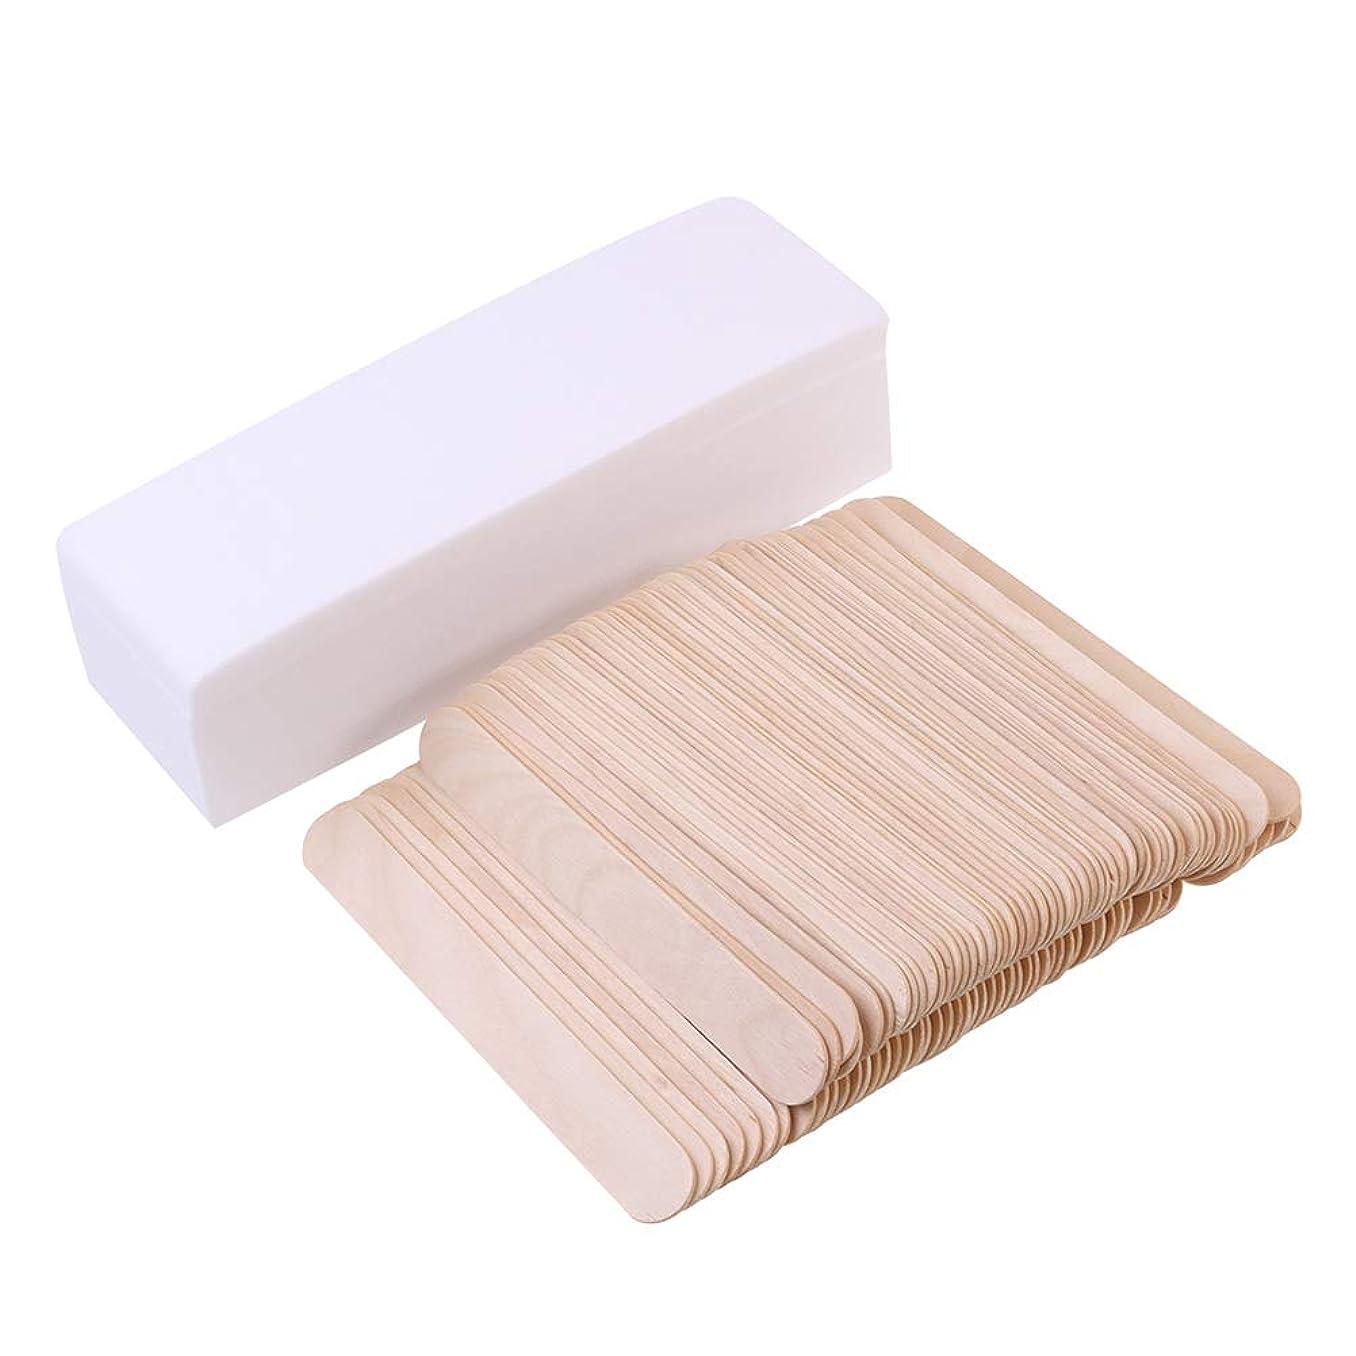 制約講堂固有のHealifty 毛の取り外しのペーパー使い捨て可能なボディは100pcsワックスが付いているペーパーを取り除きます